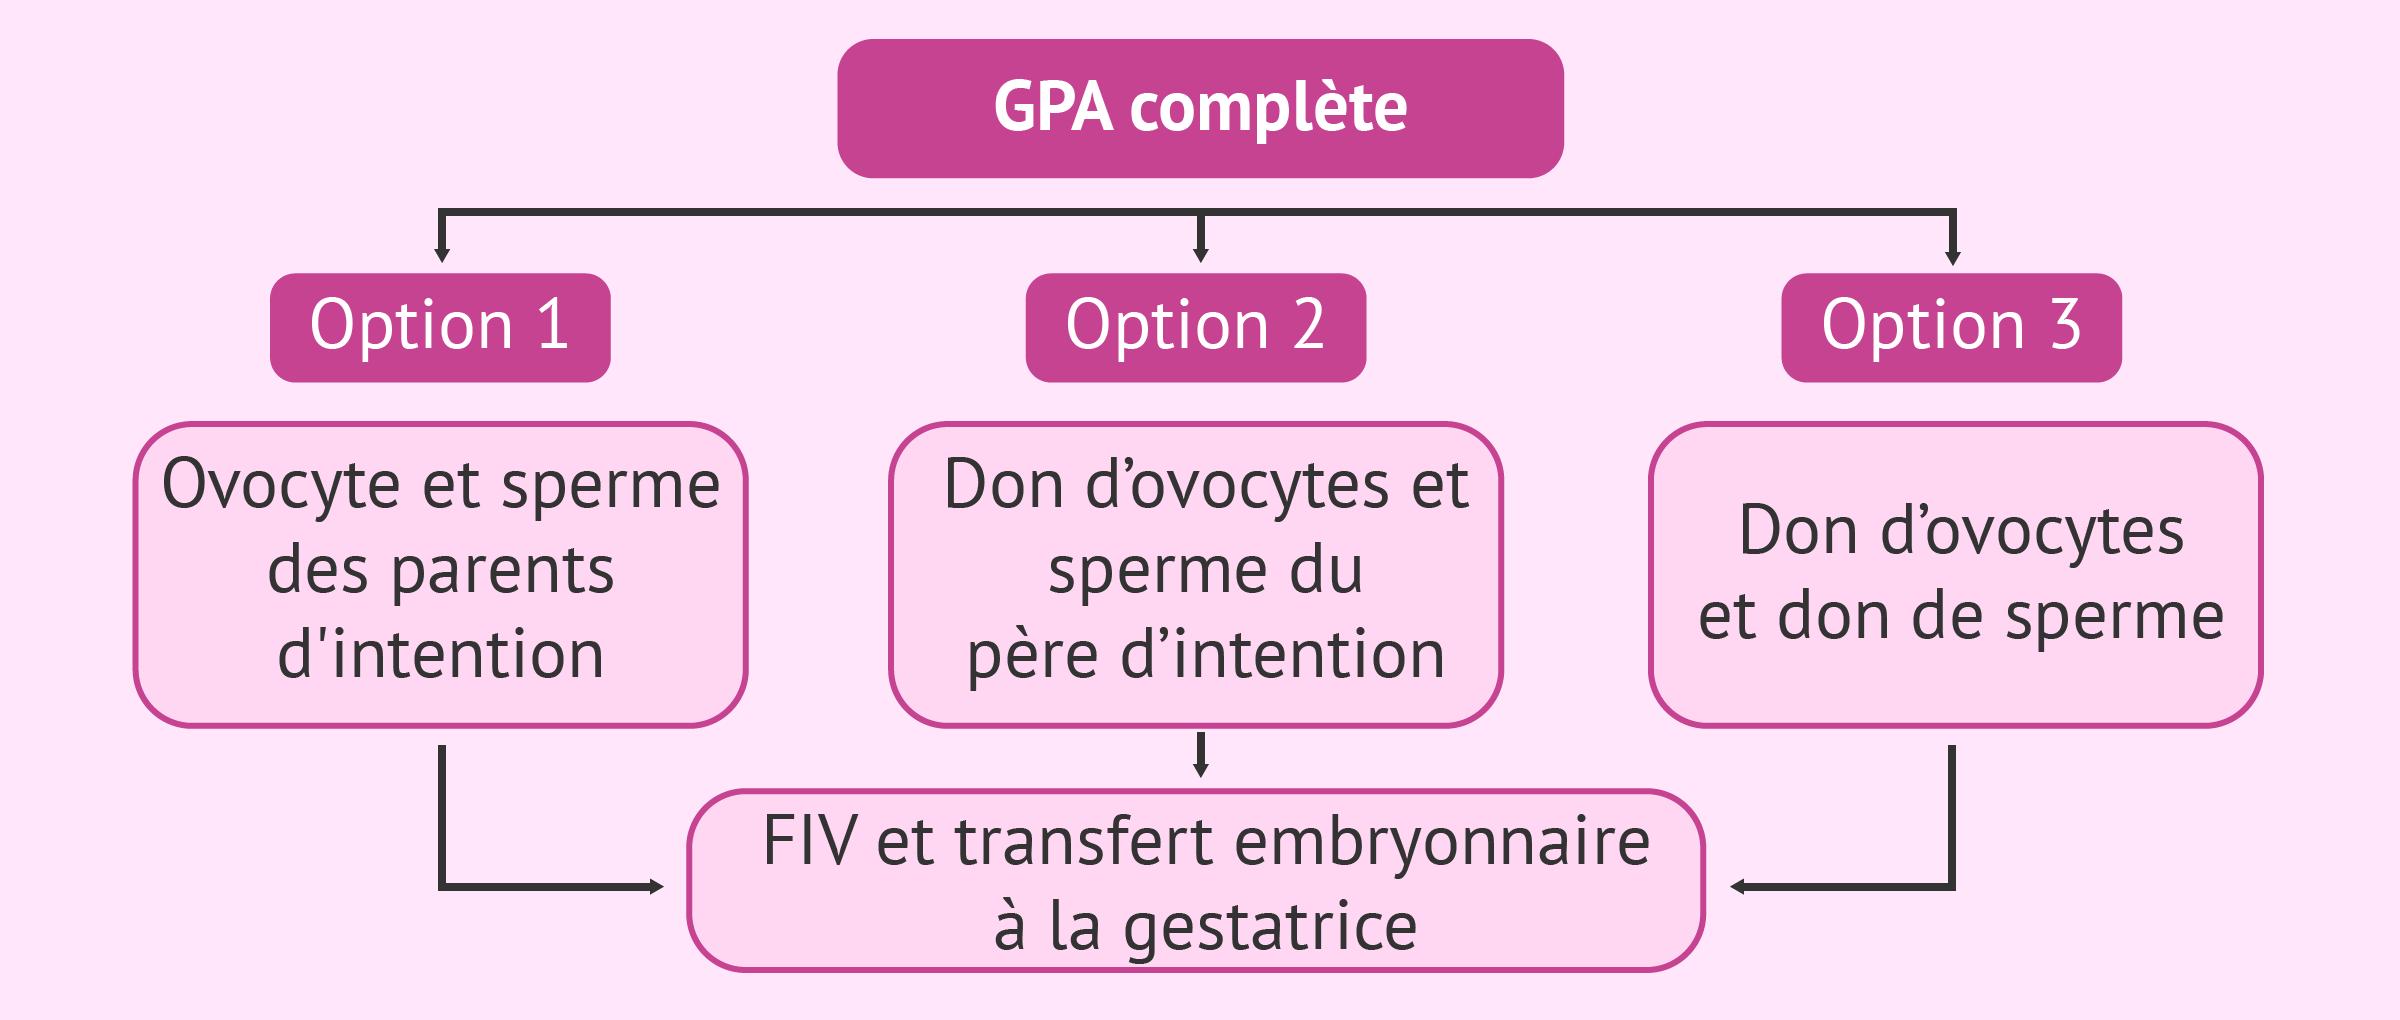 Combinaisons possibles en GPA complète ou totale